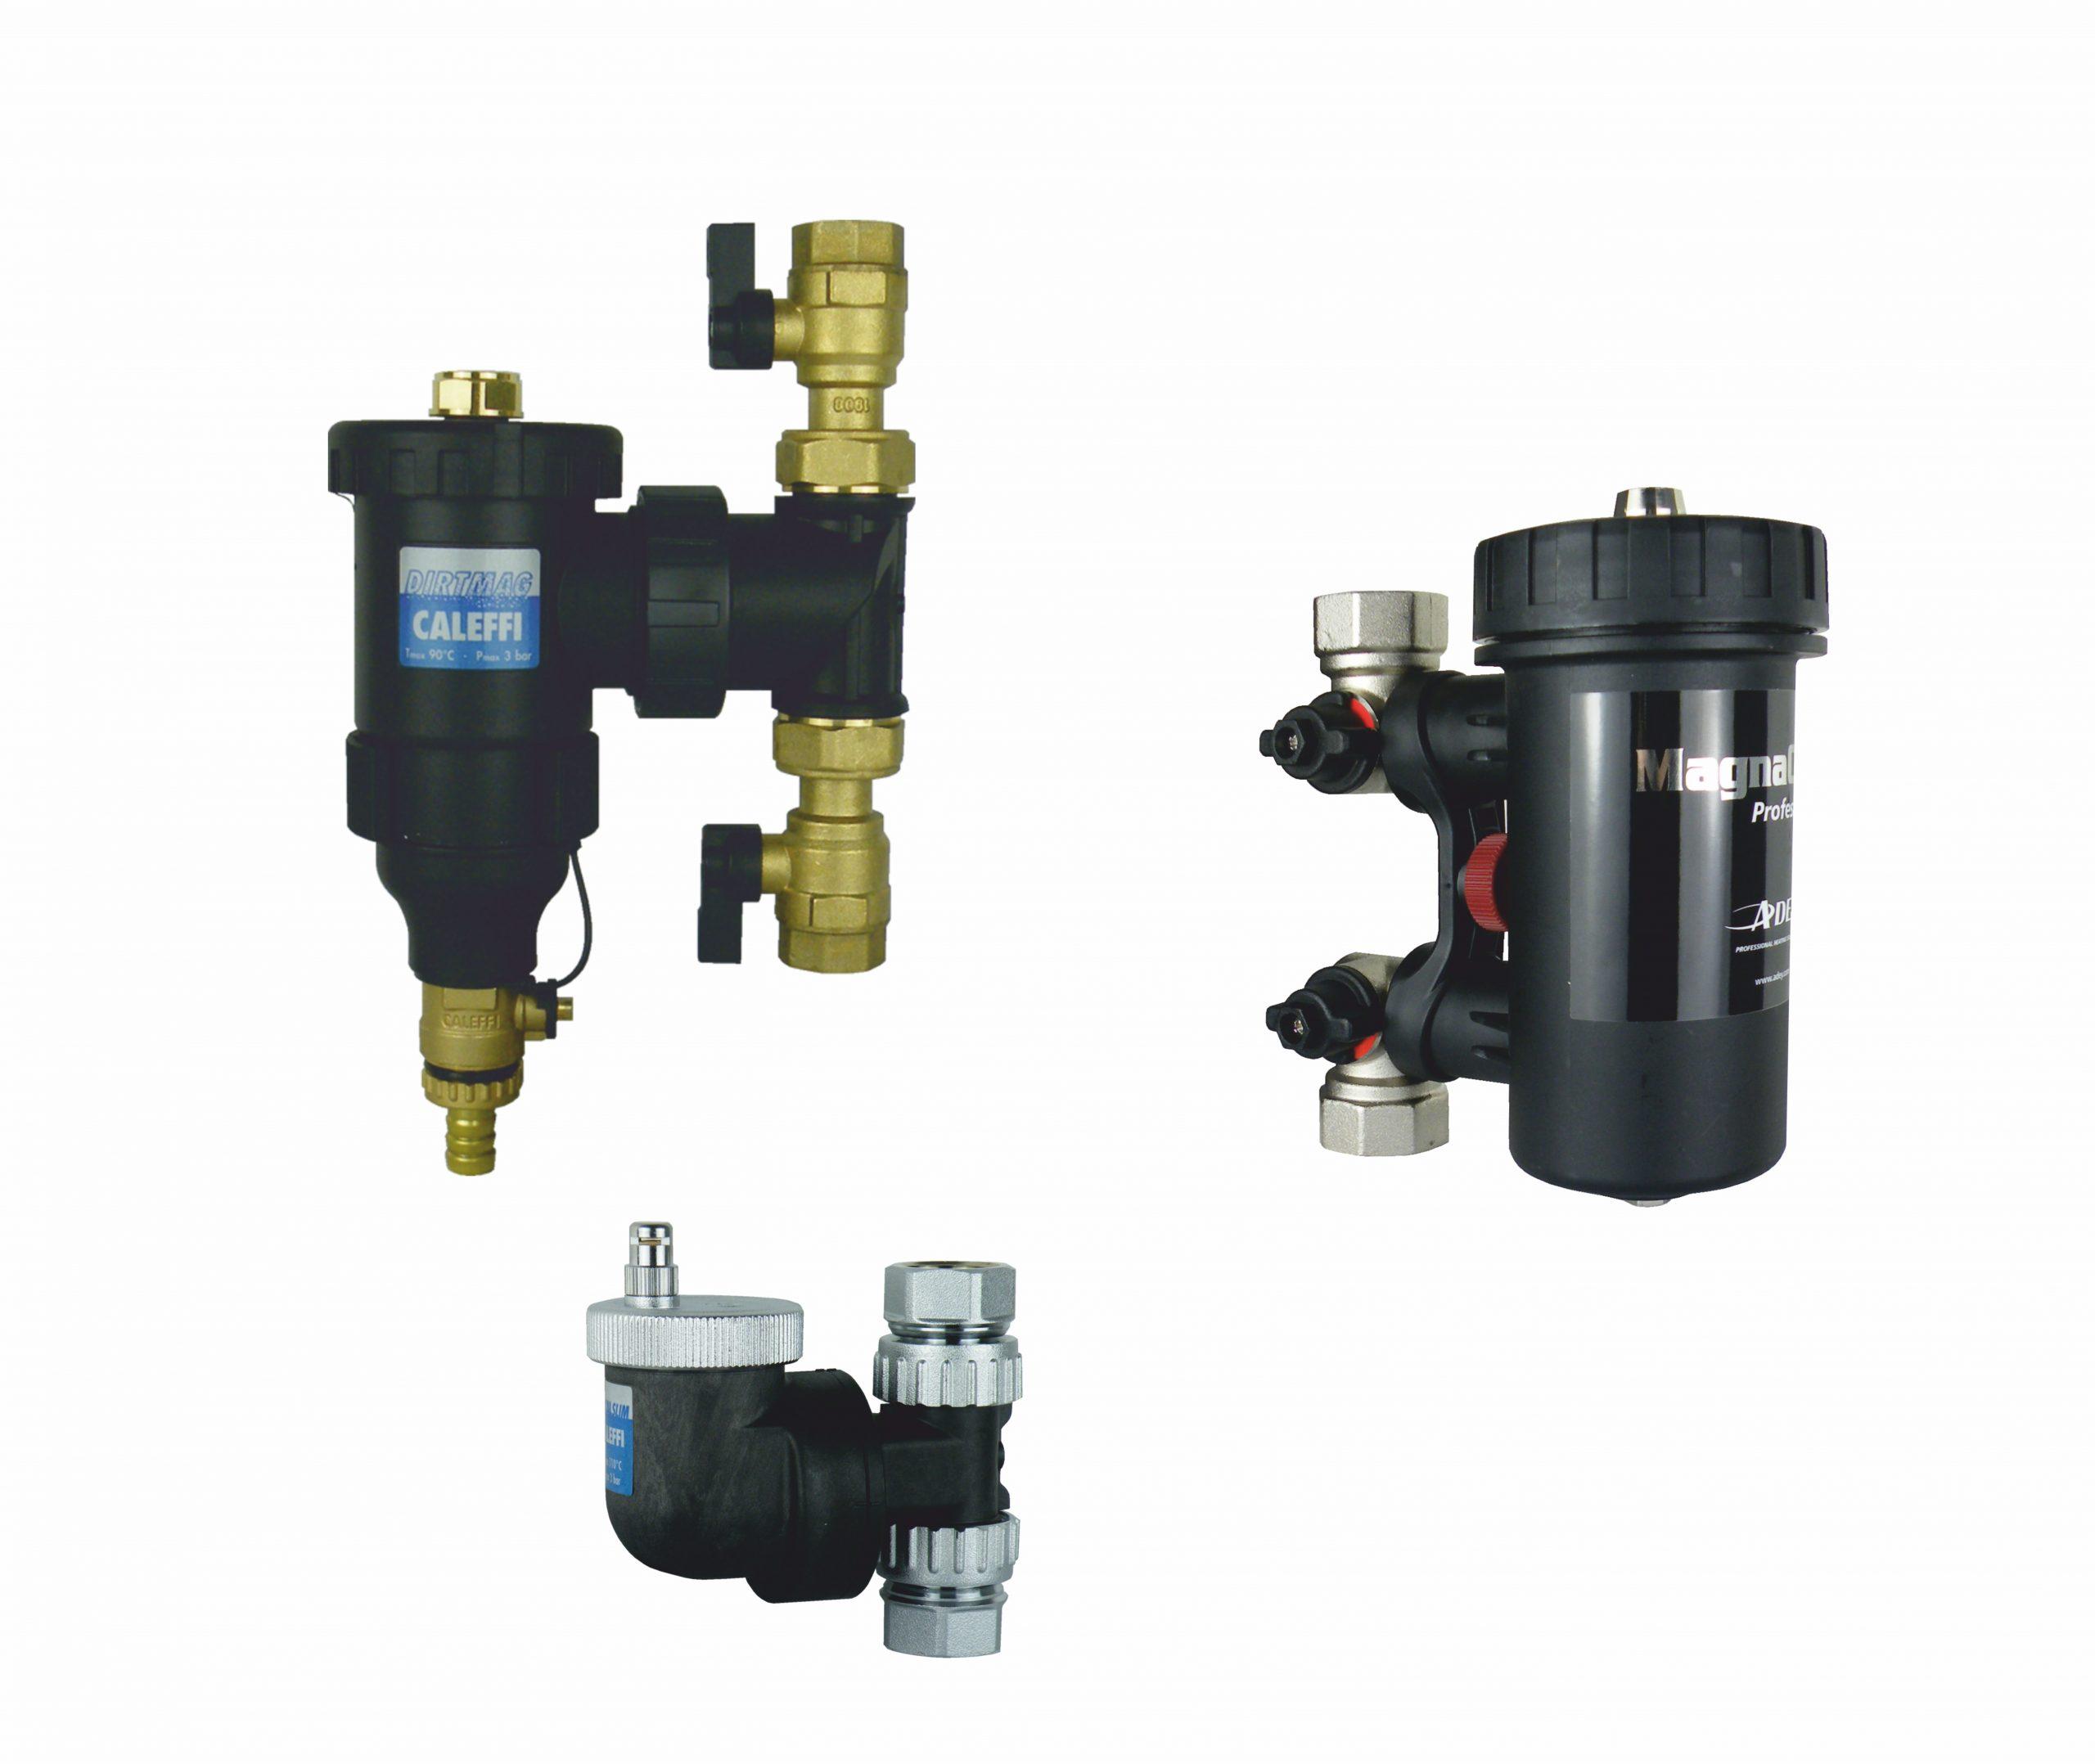 Separator powietrza Caleffi, separator zanieczyszczeń Caleffi, separator zanieczyszczeń i powietrza ADEY